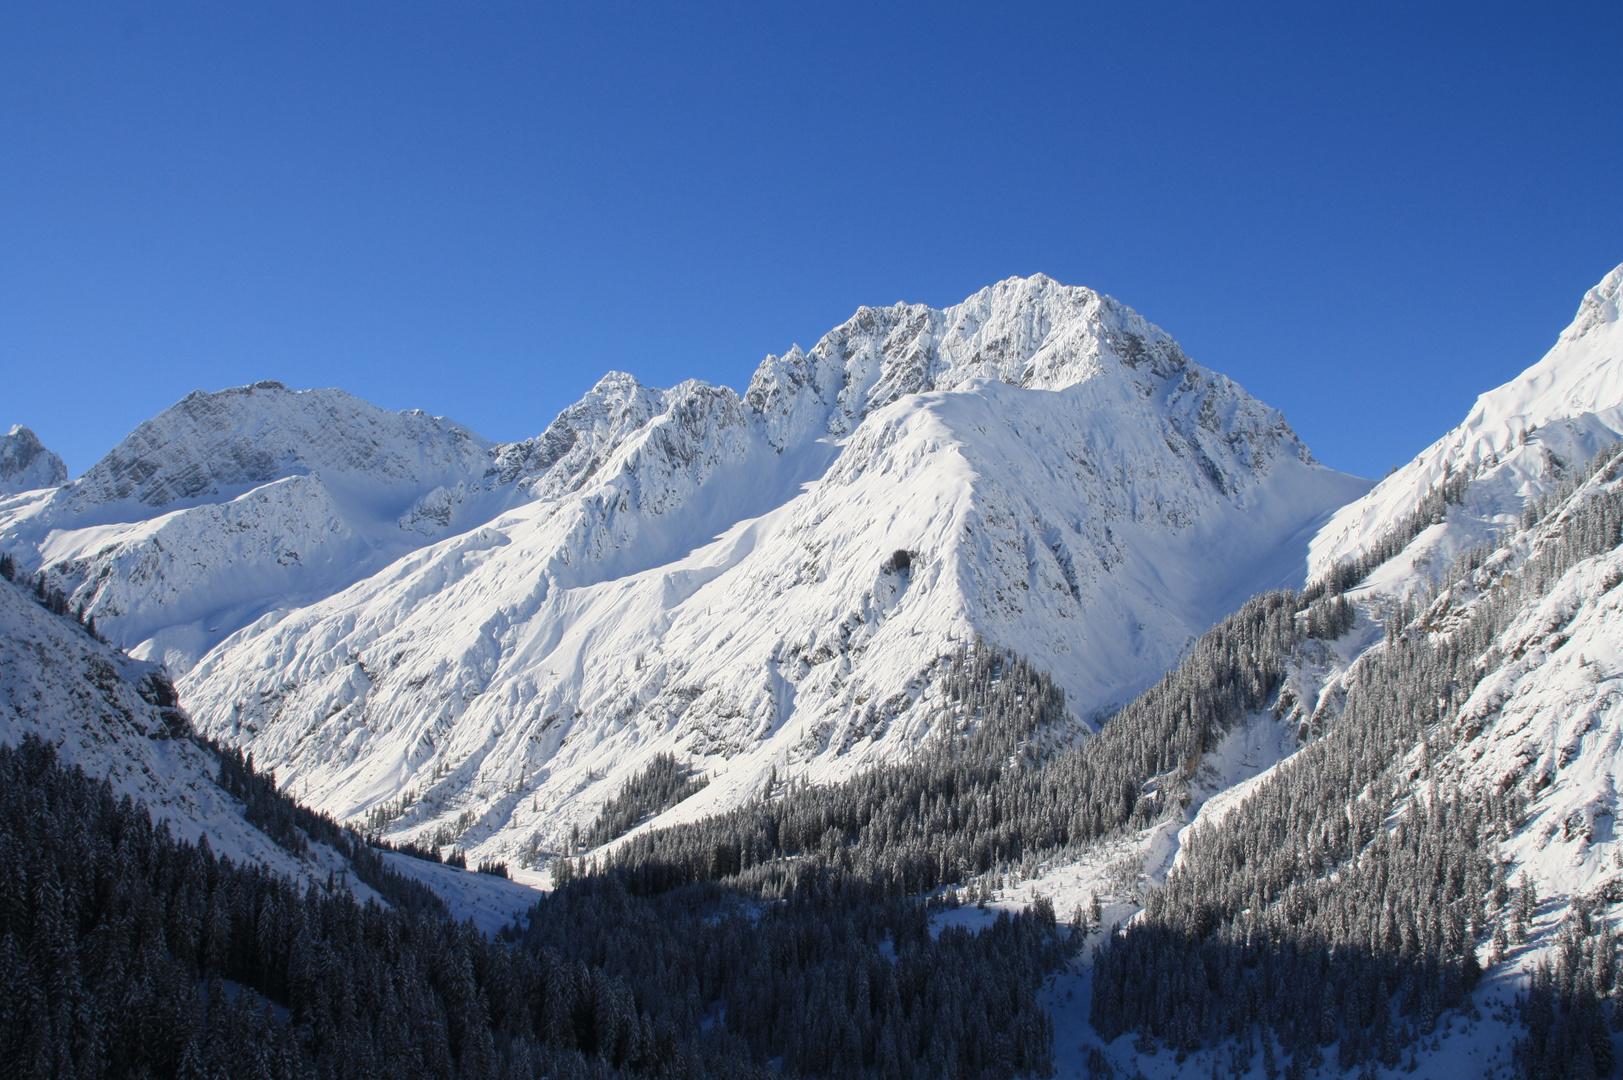 Winter Jan 2013